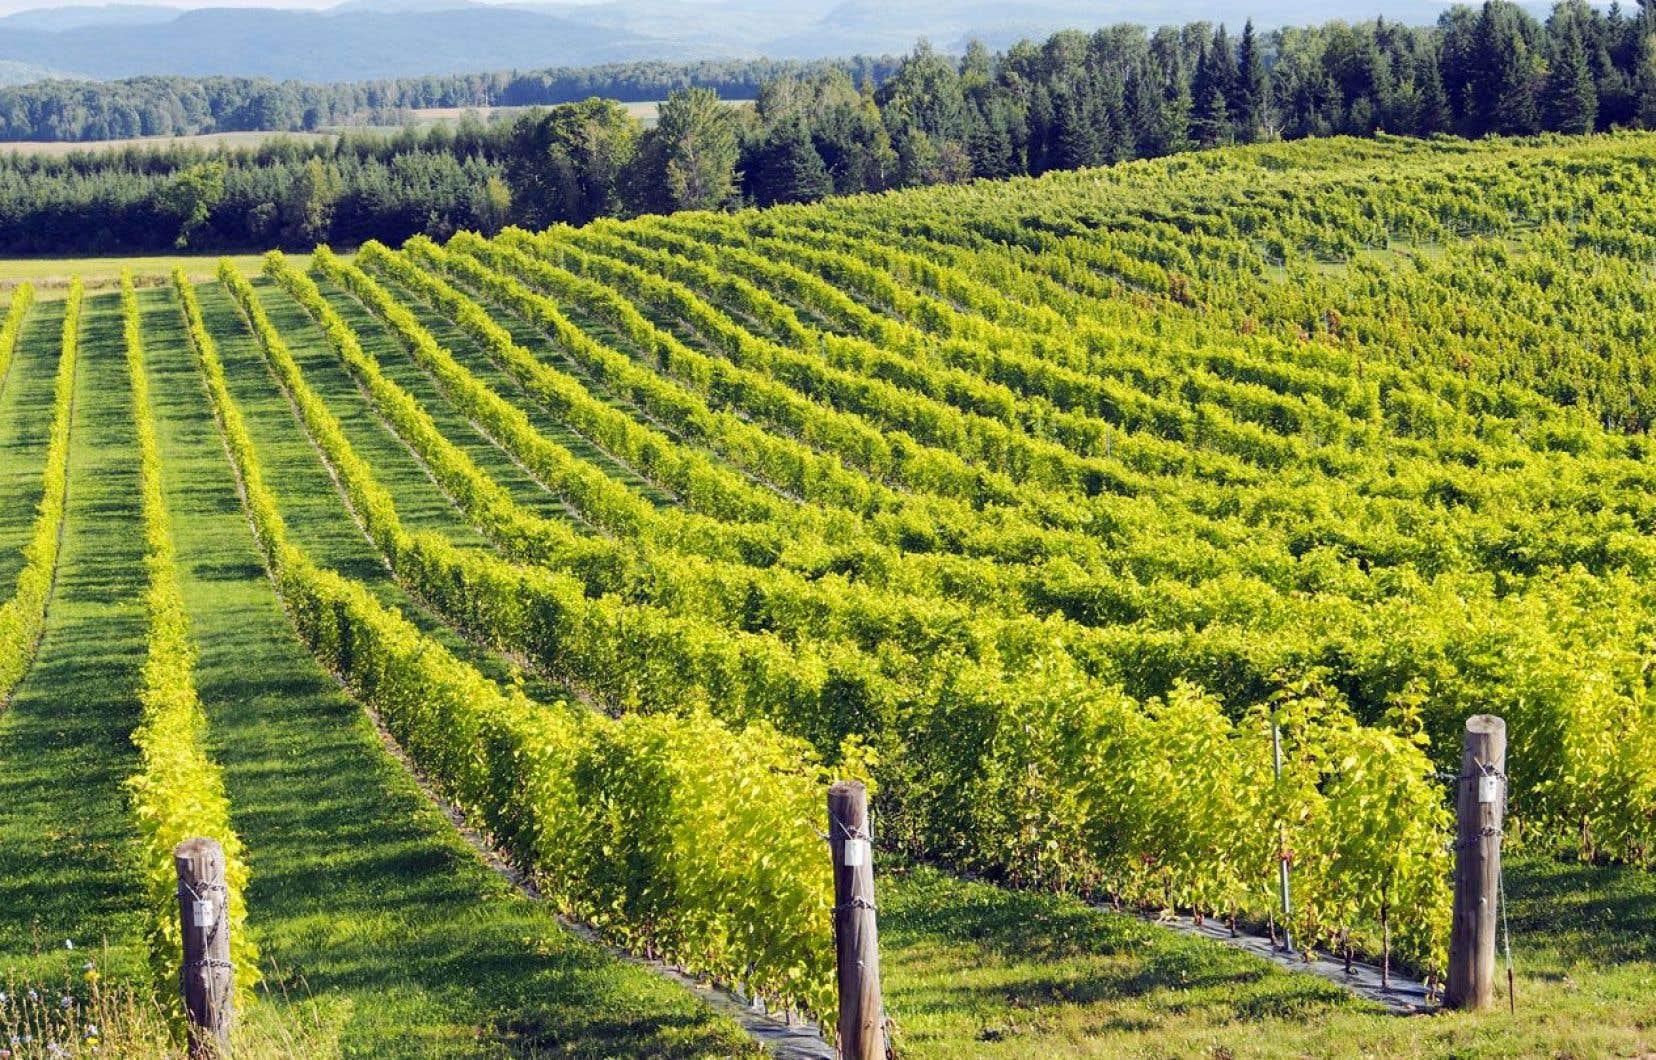 Vue sur le Vignoble Saint-Gabriel, par un matin ensoleillé, avec ses 29000 pieds de vigne bien alignés sur un coteau. Le contraste entre la nature sauvage des Laurentides et les rangs bien disciplinés est frappant.